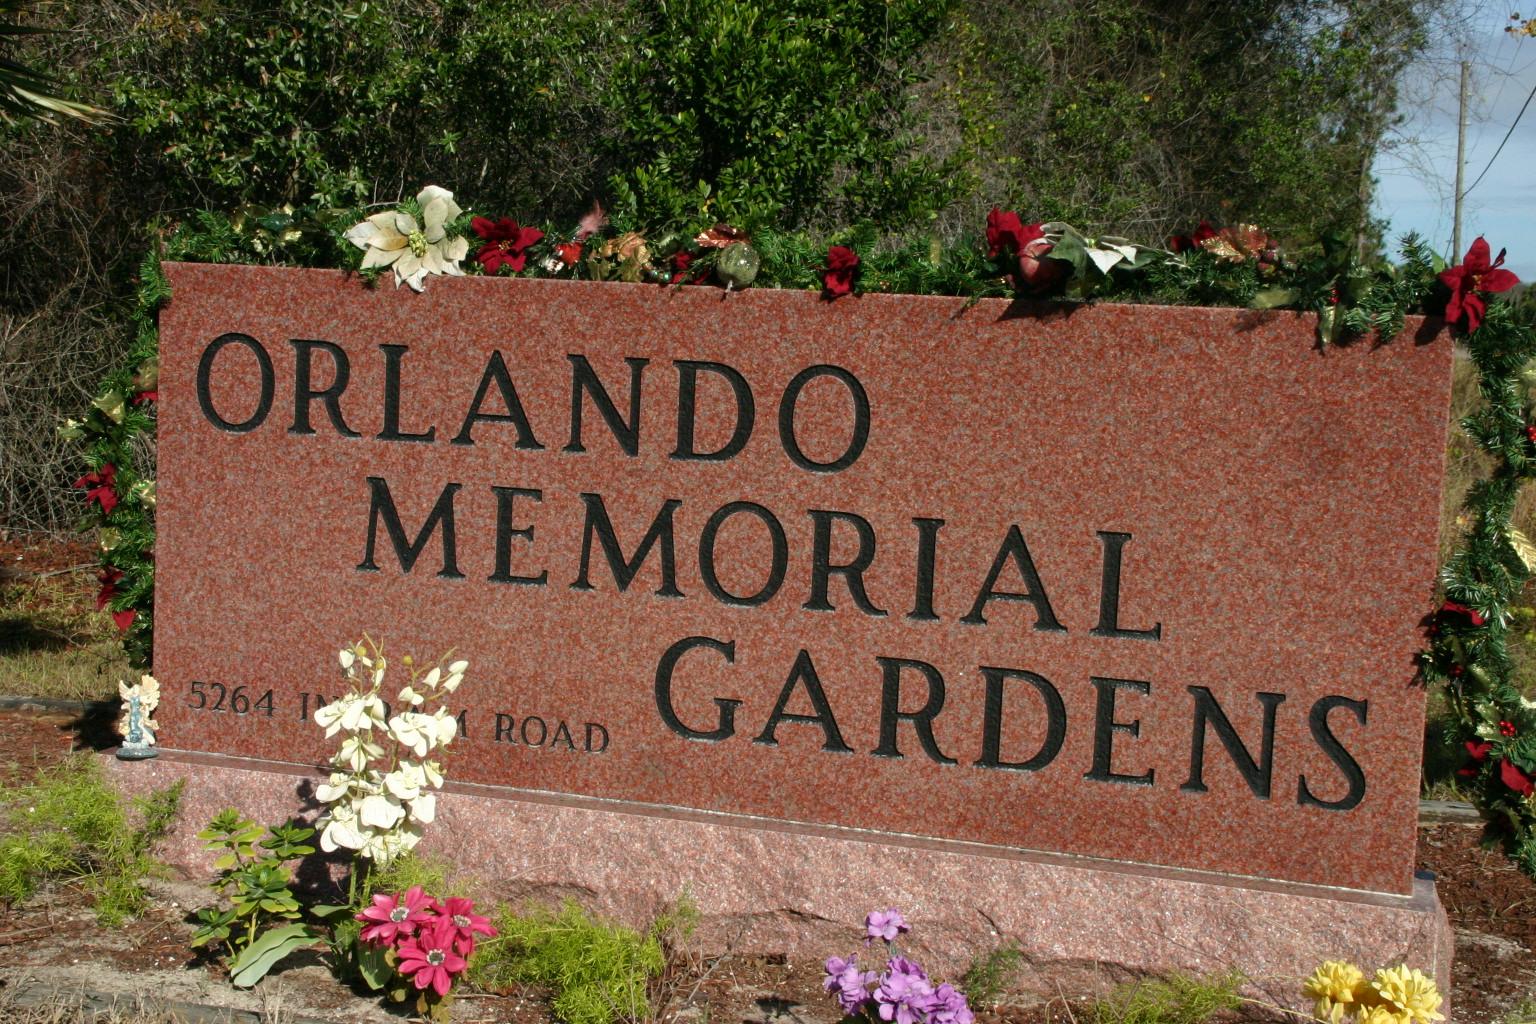 Orlando Memorial Gardens in Apopka, Florida - Find A Grave Cemetery